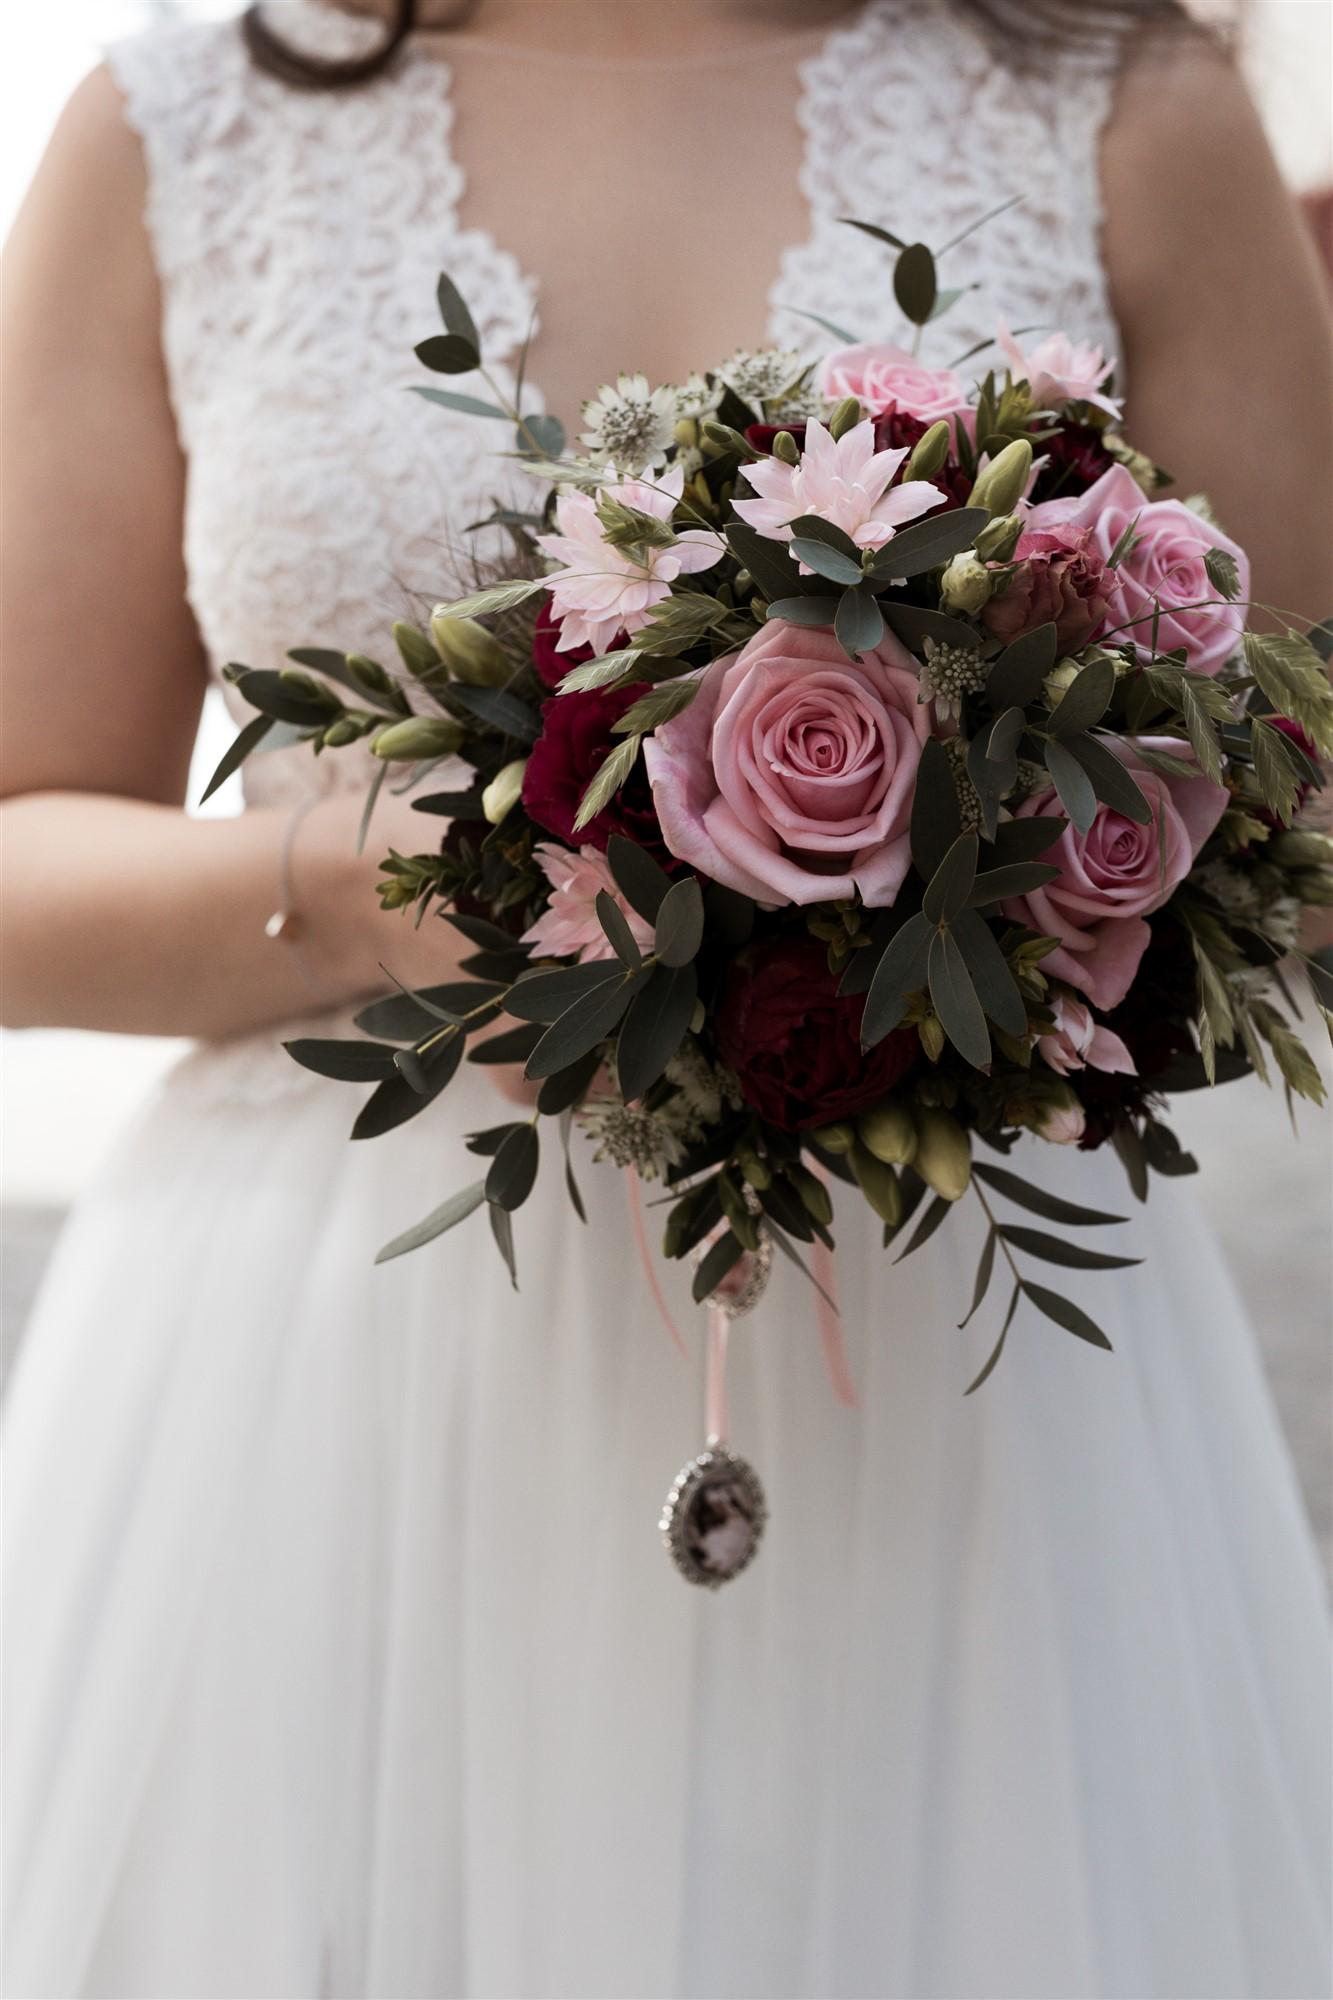 Der schöne Brautstrauss